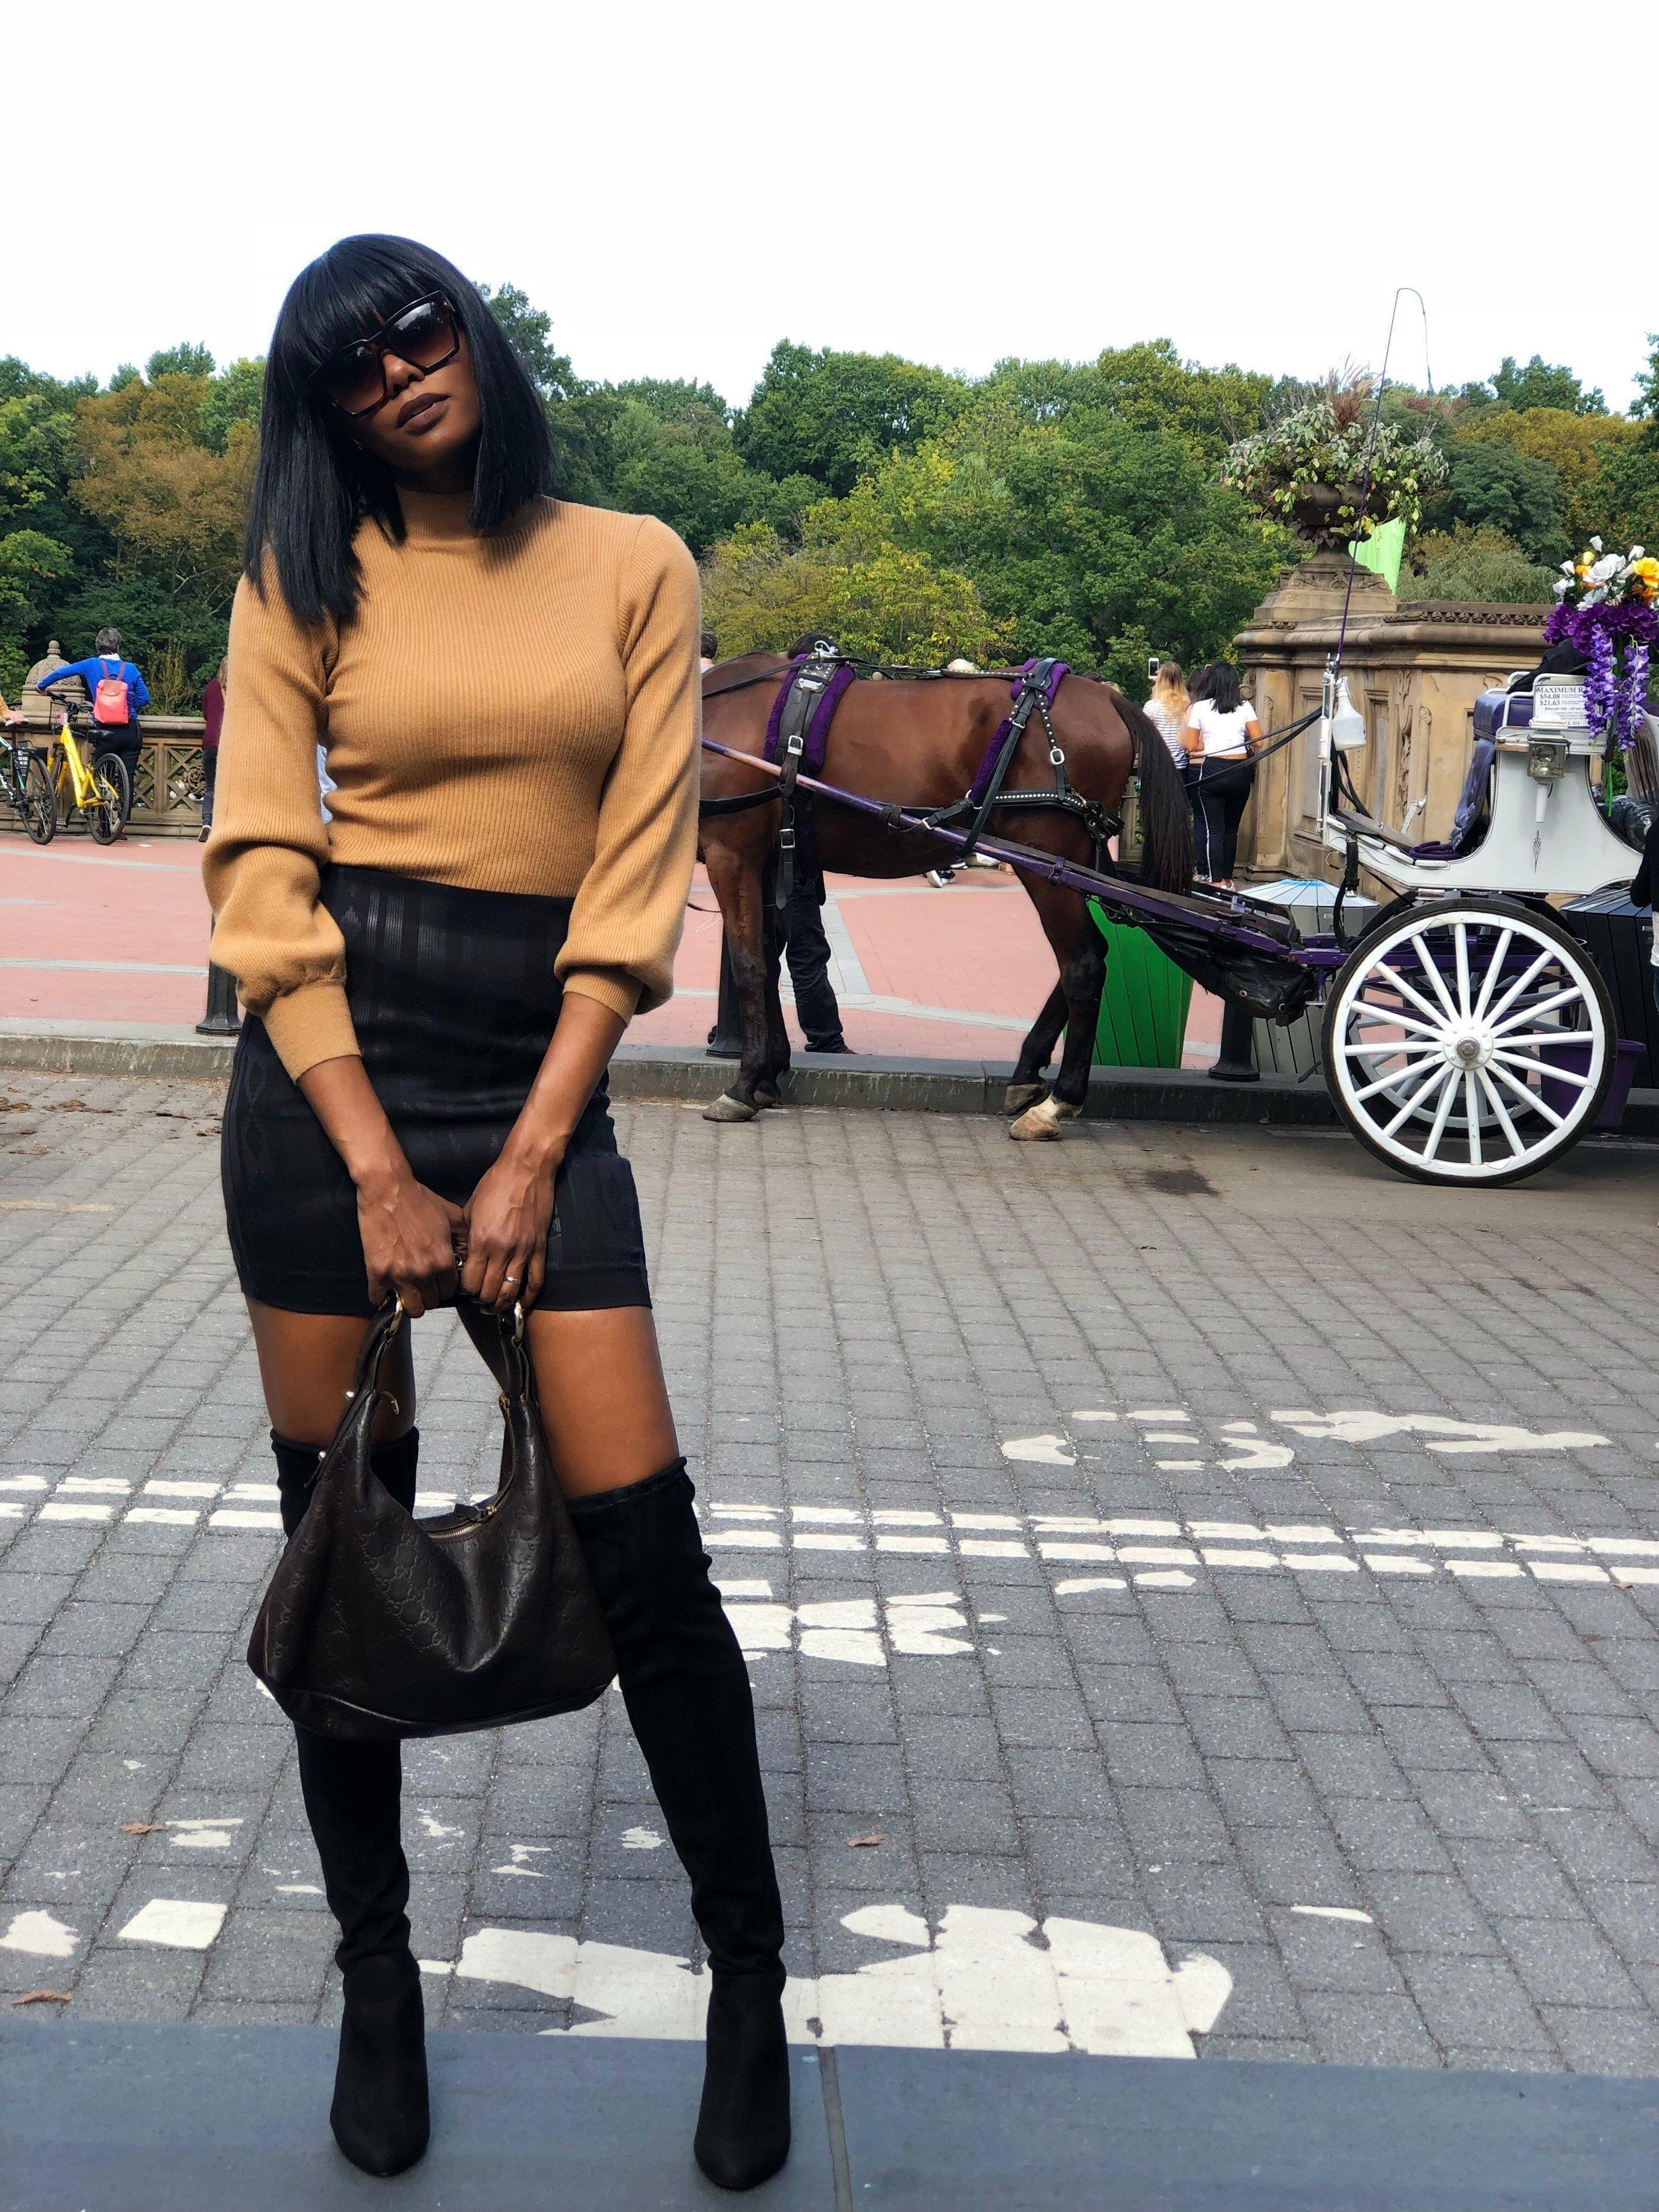 On Me: JOA tan sweater, $49, Bloomingdales